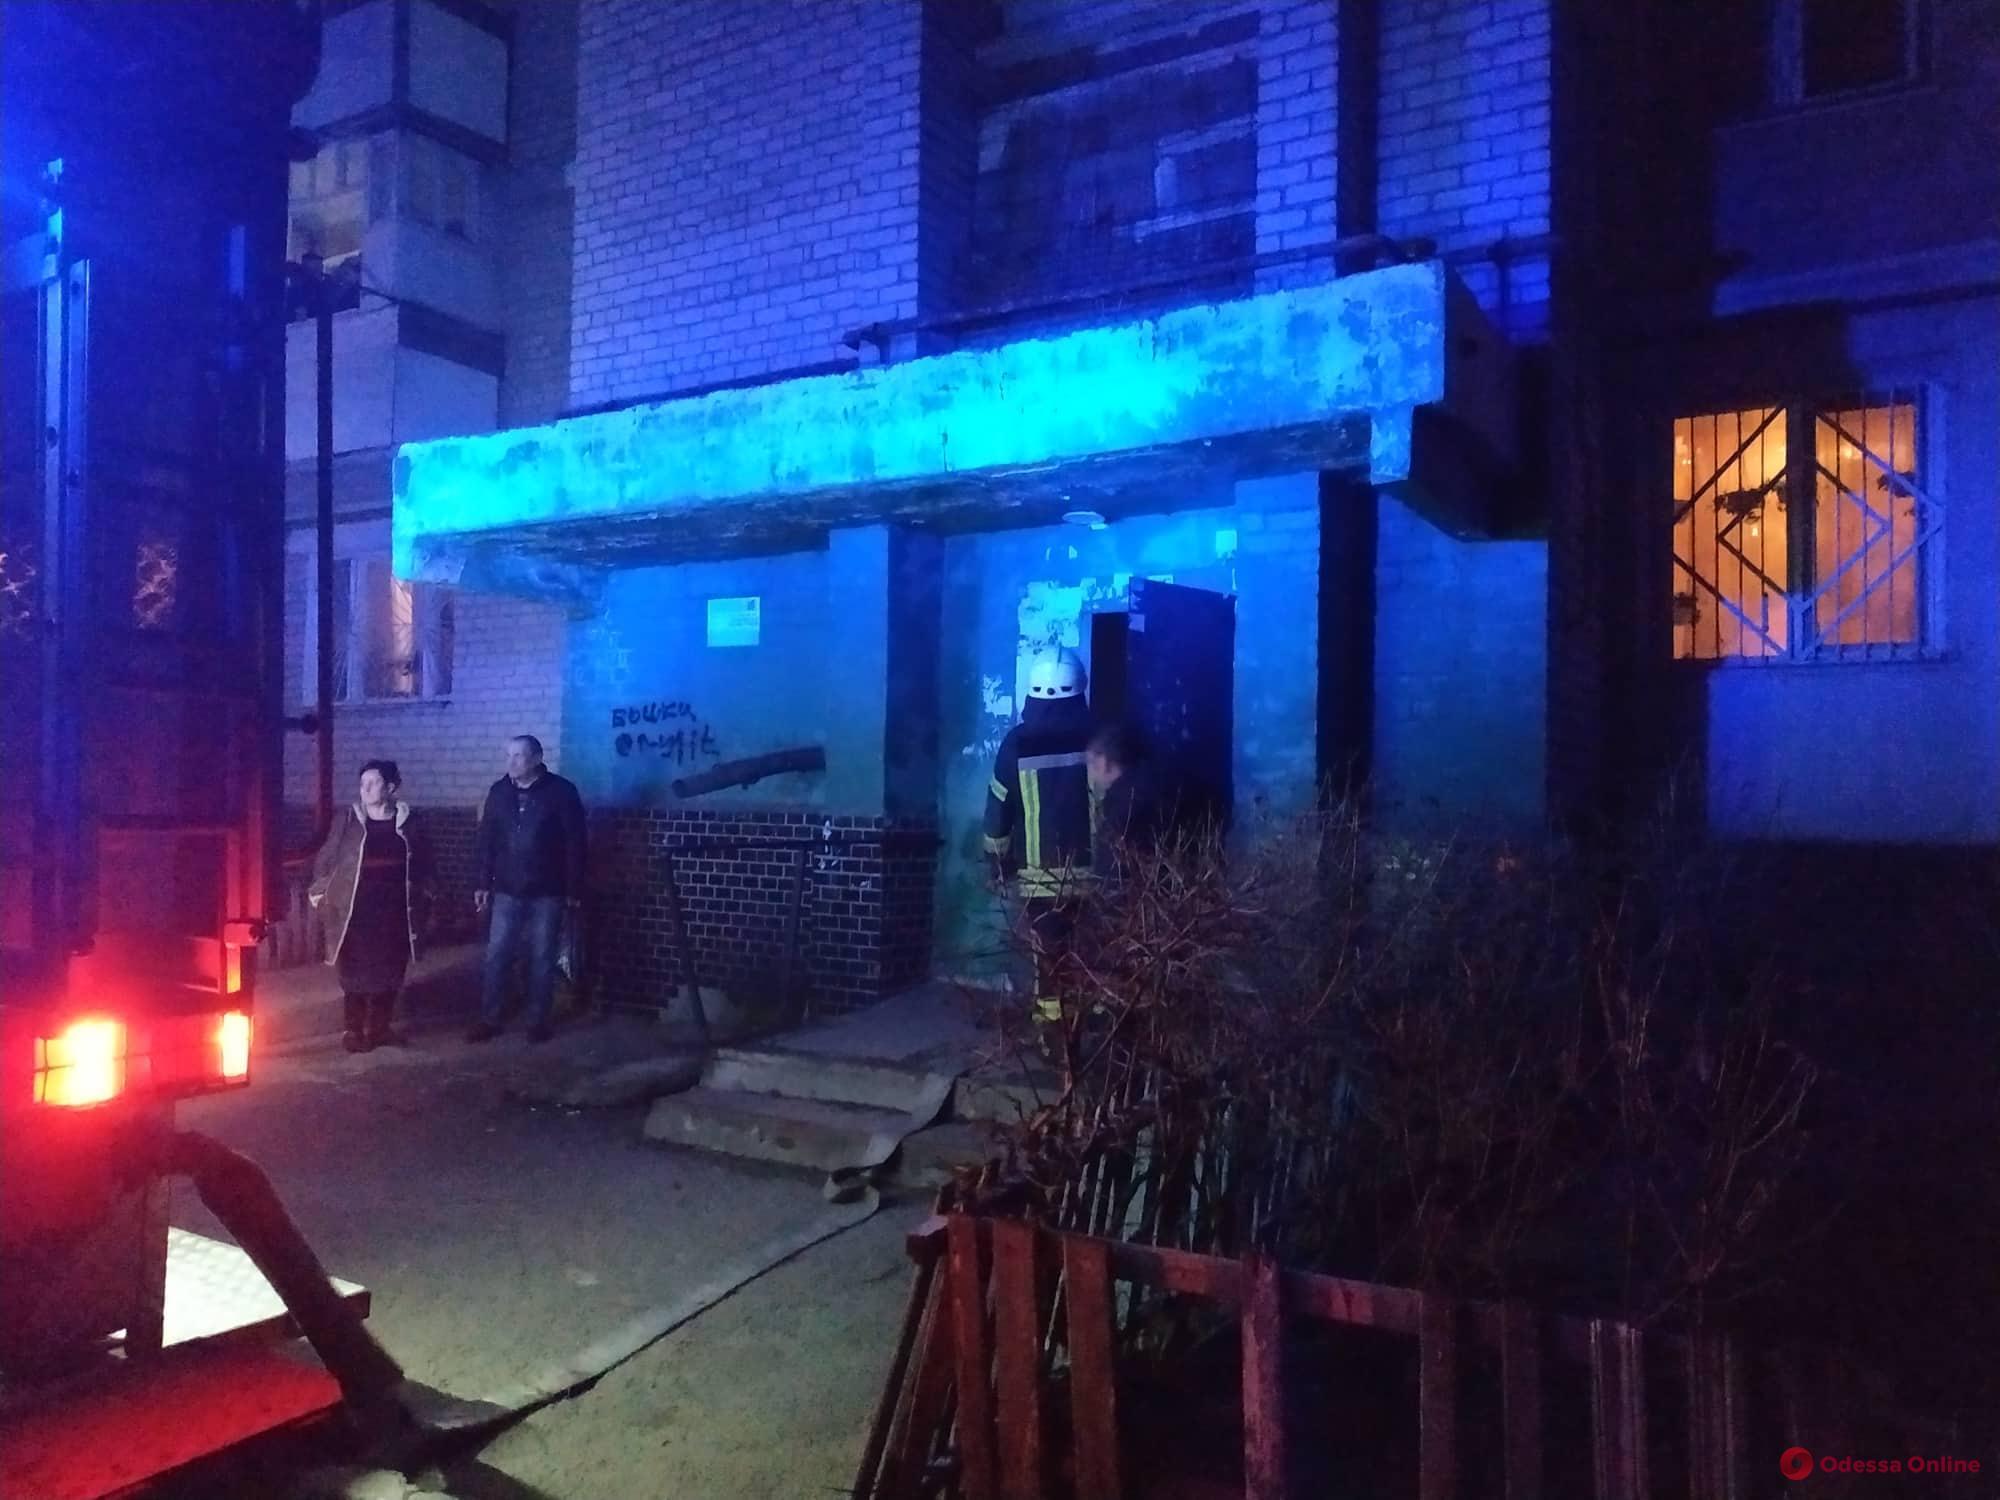 На поселке Котовского в подвале многоэтажки из-за кота произошел пожар